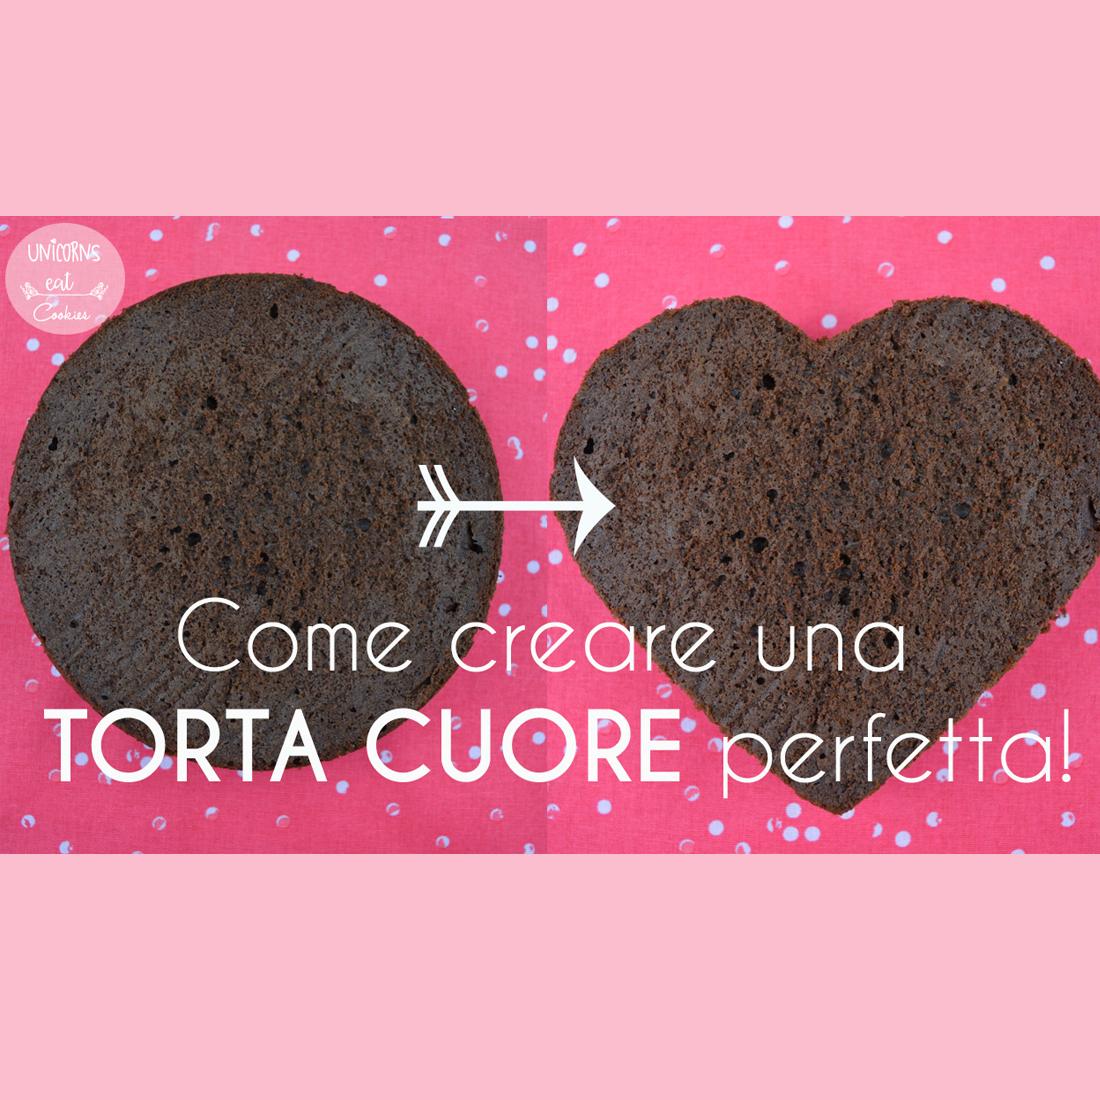 torta a forma di cuore, heart shaped cake, chocolate cake, cioccolato, valentine day, san valentino, fidanzato, diy, fai da te, idea regalo, amore